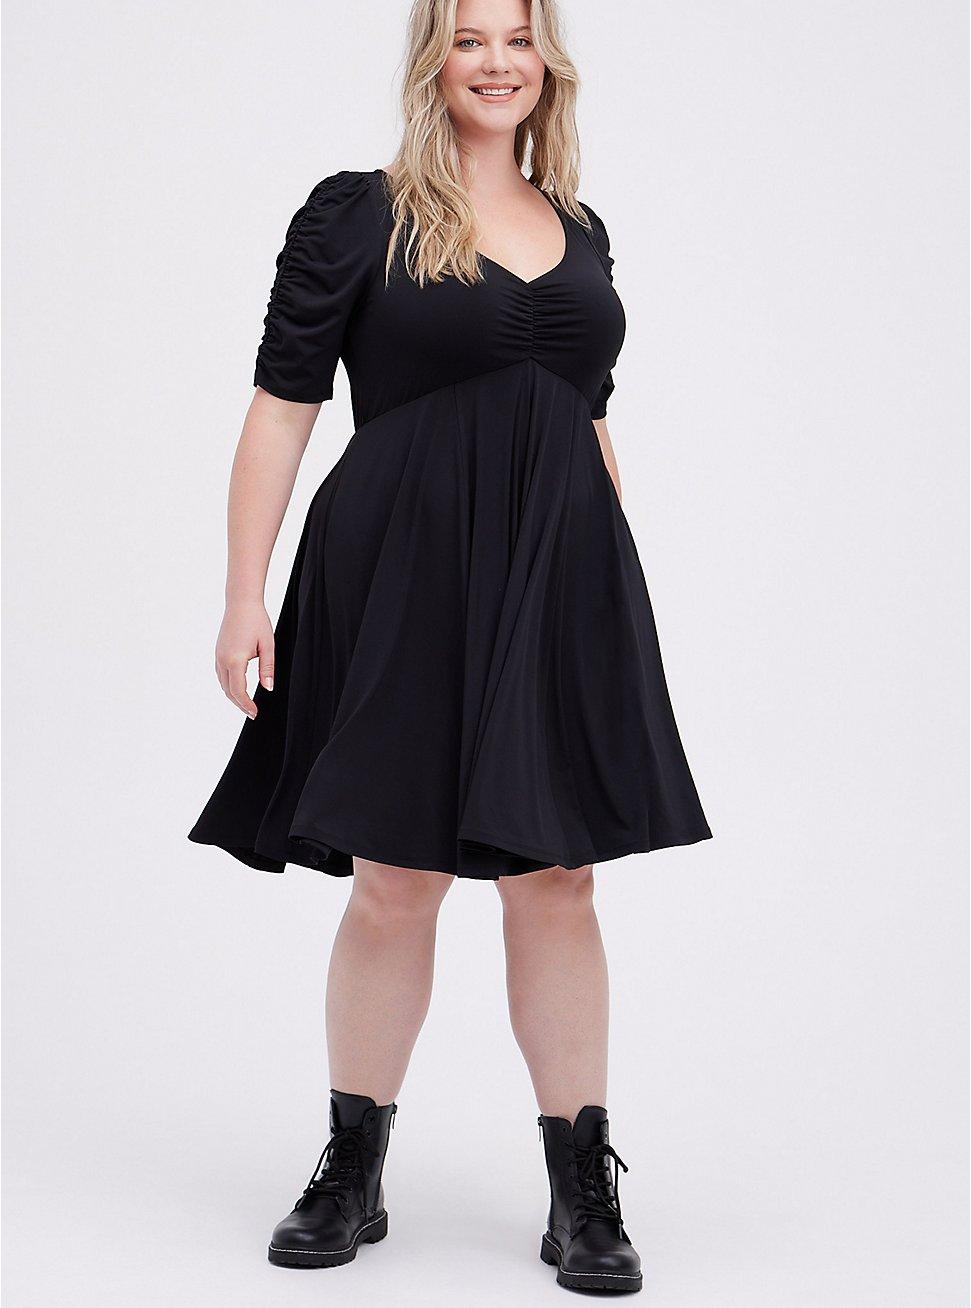 Skater Mini Dress - Studio Knit Black , DEEP BLACK, hi-res